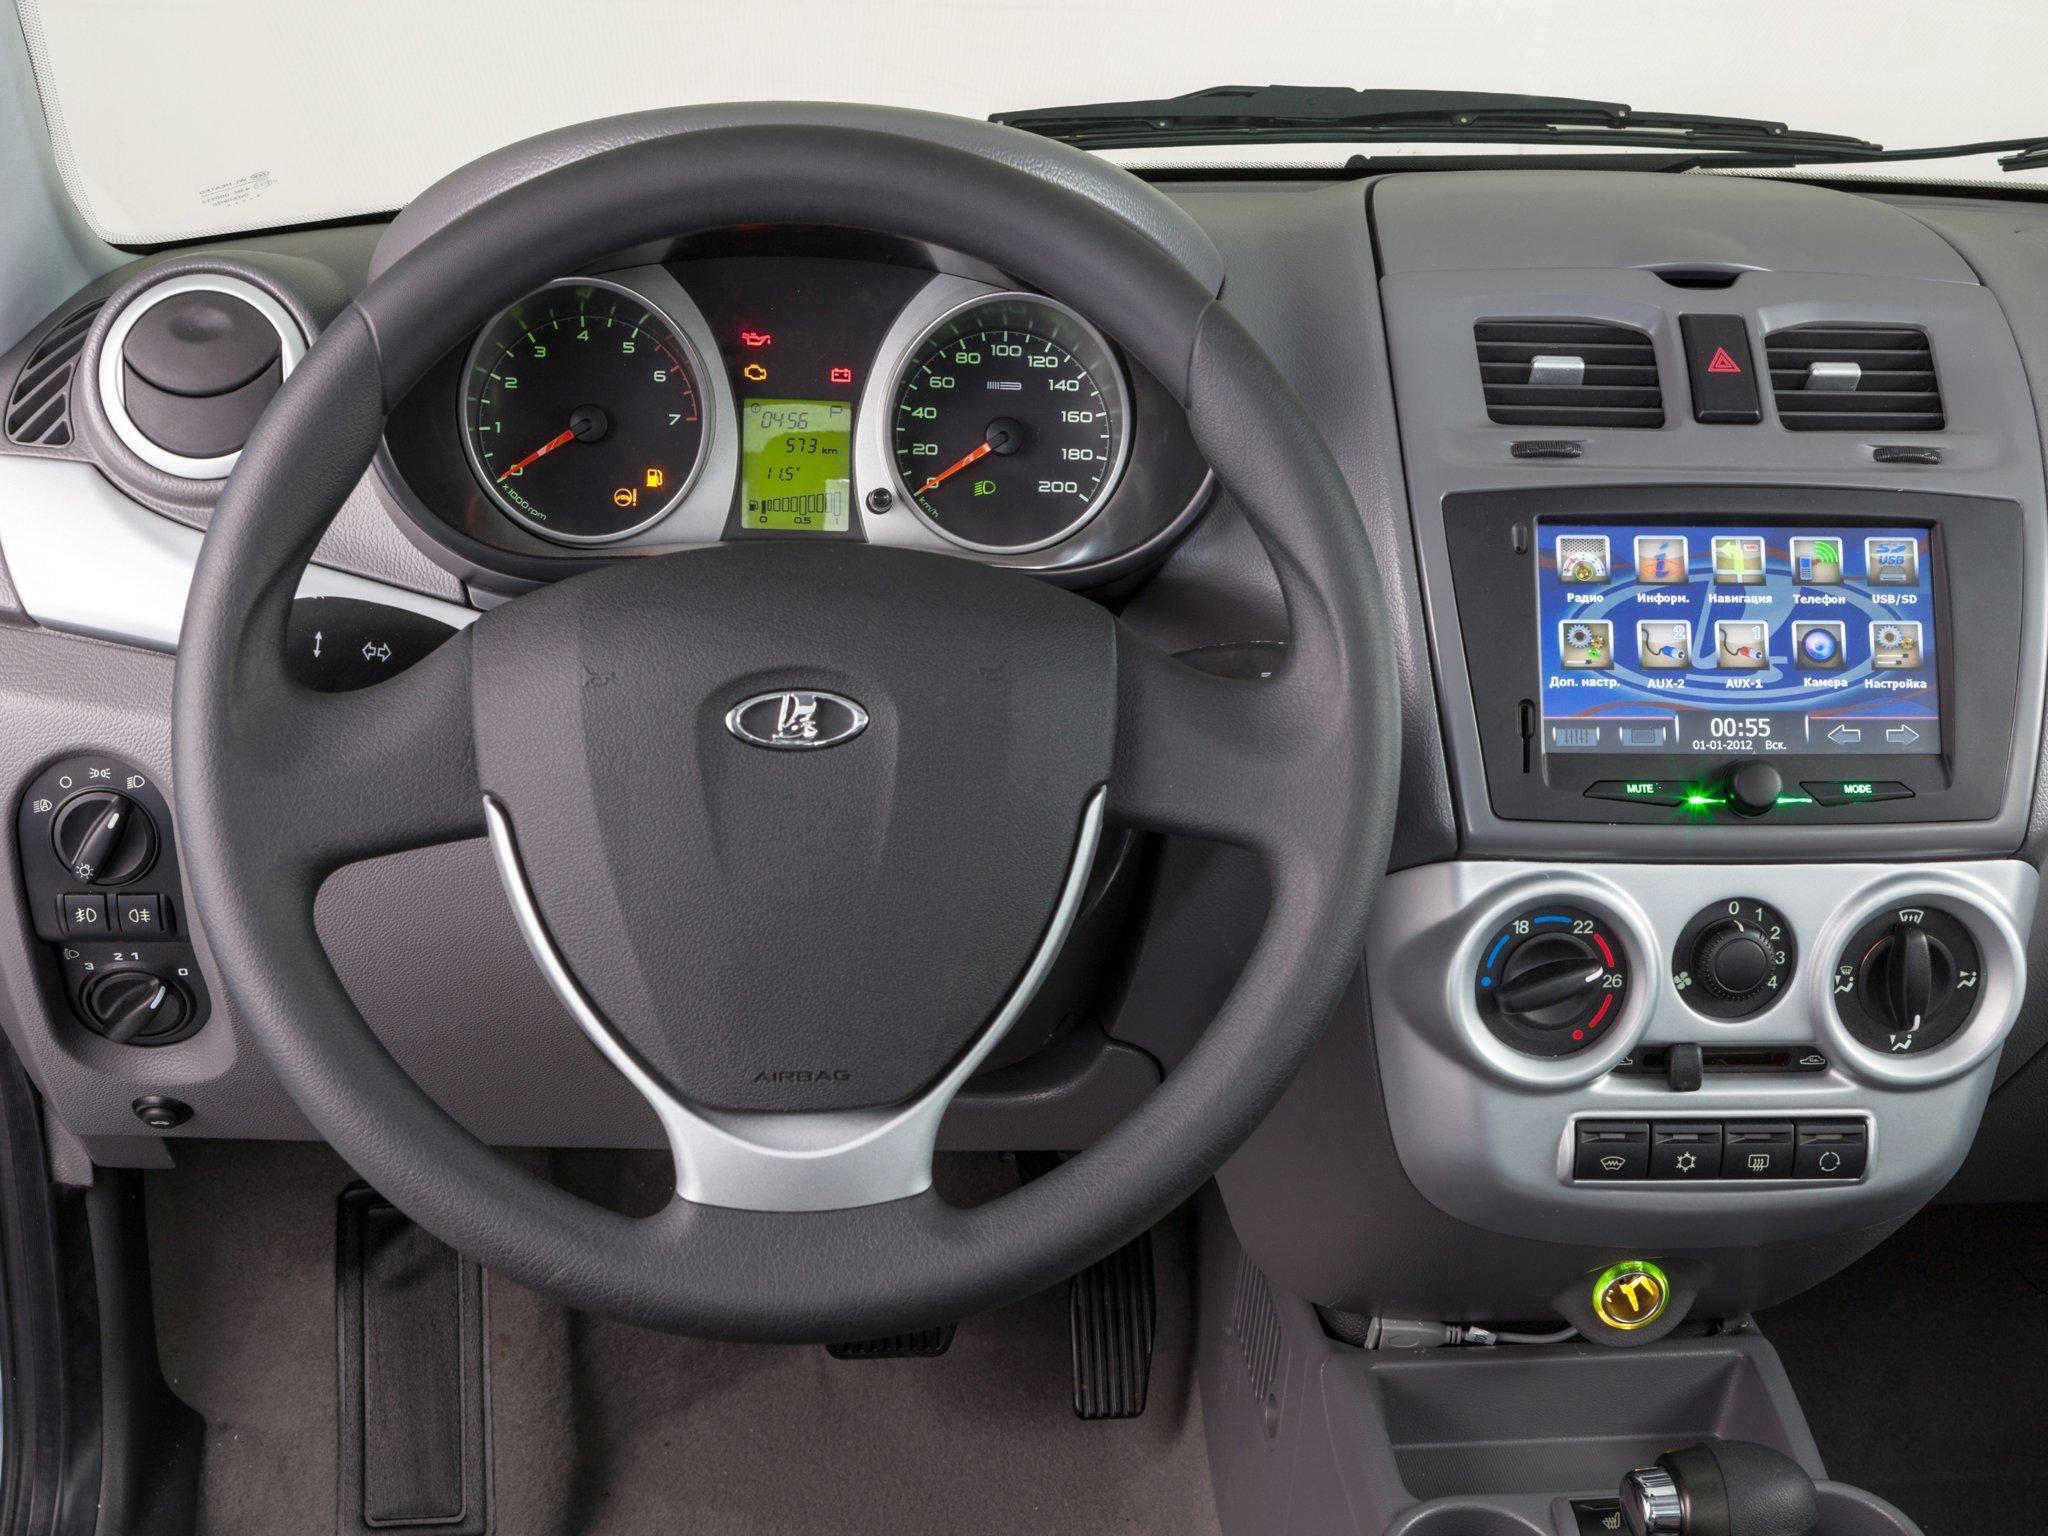 Началось производство Lada Kalina второго поколения - фото 8.